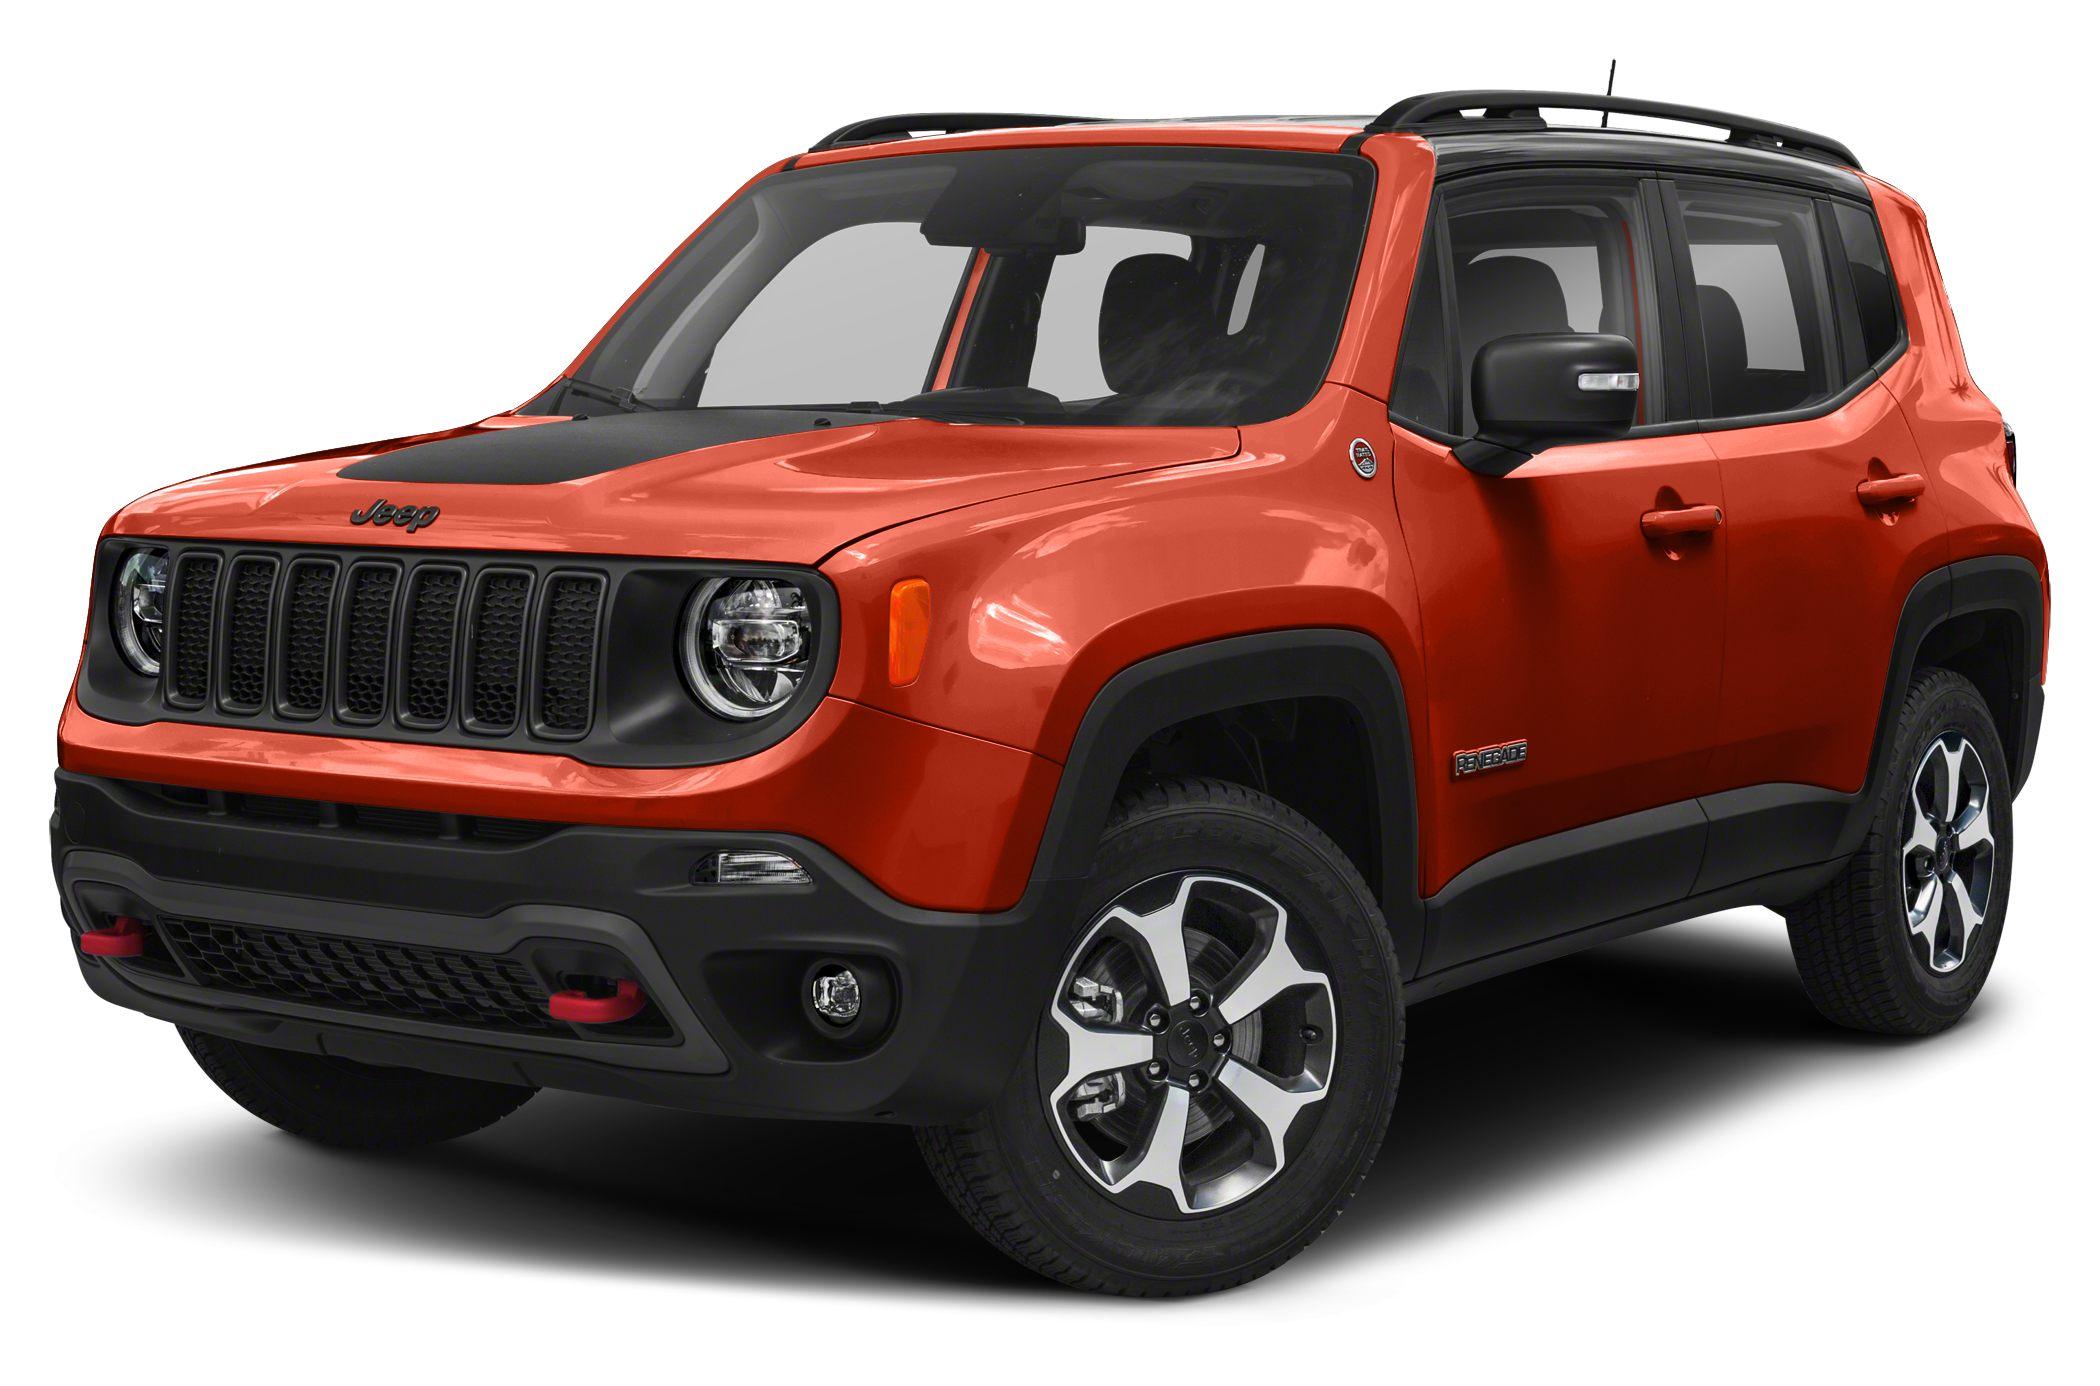 2021 Jeep Trail Hawk Concept